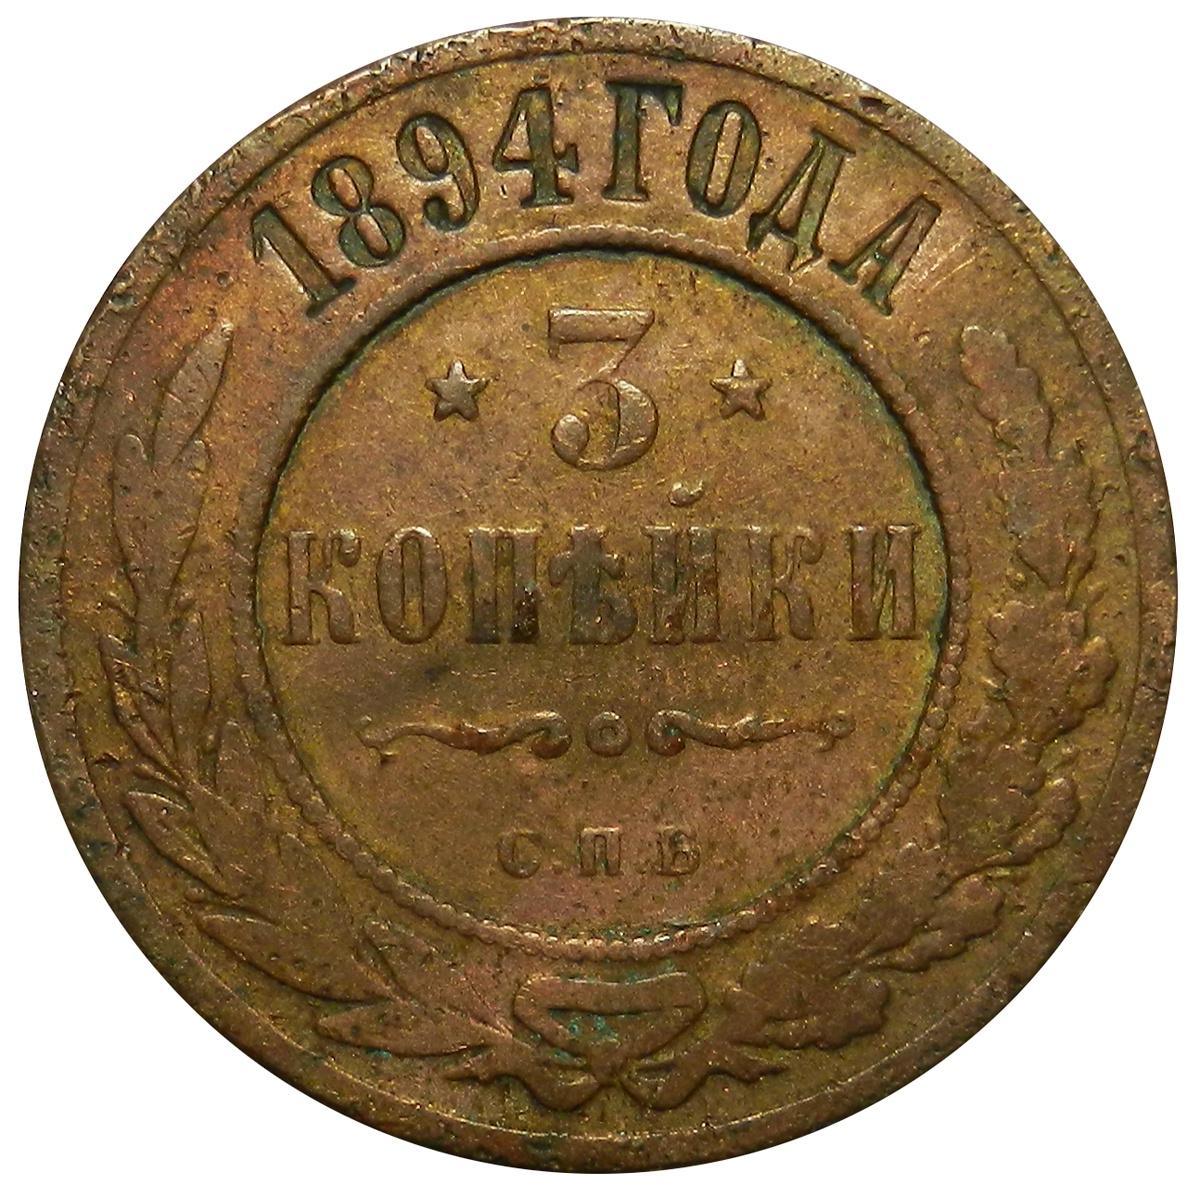 Монета 3 копейки. Медь. Российская Империя, 1894 год (СПБ) VF